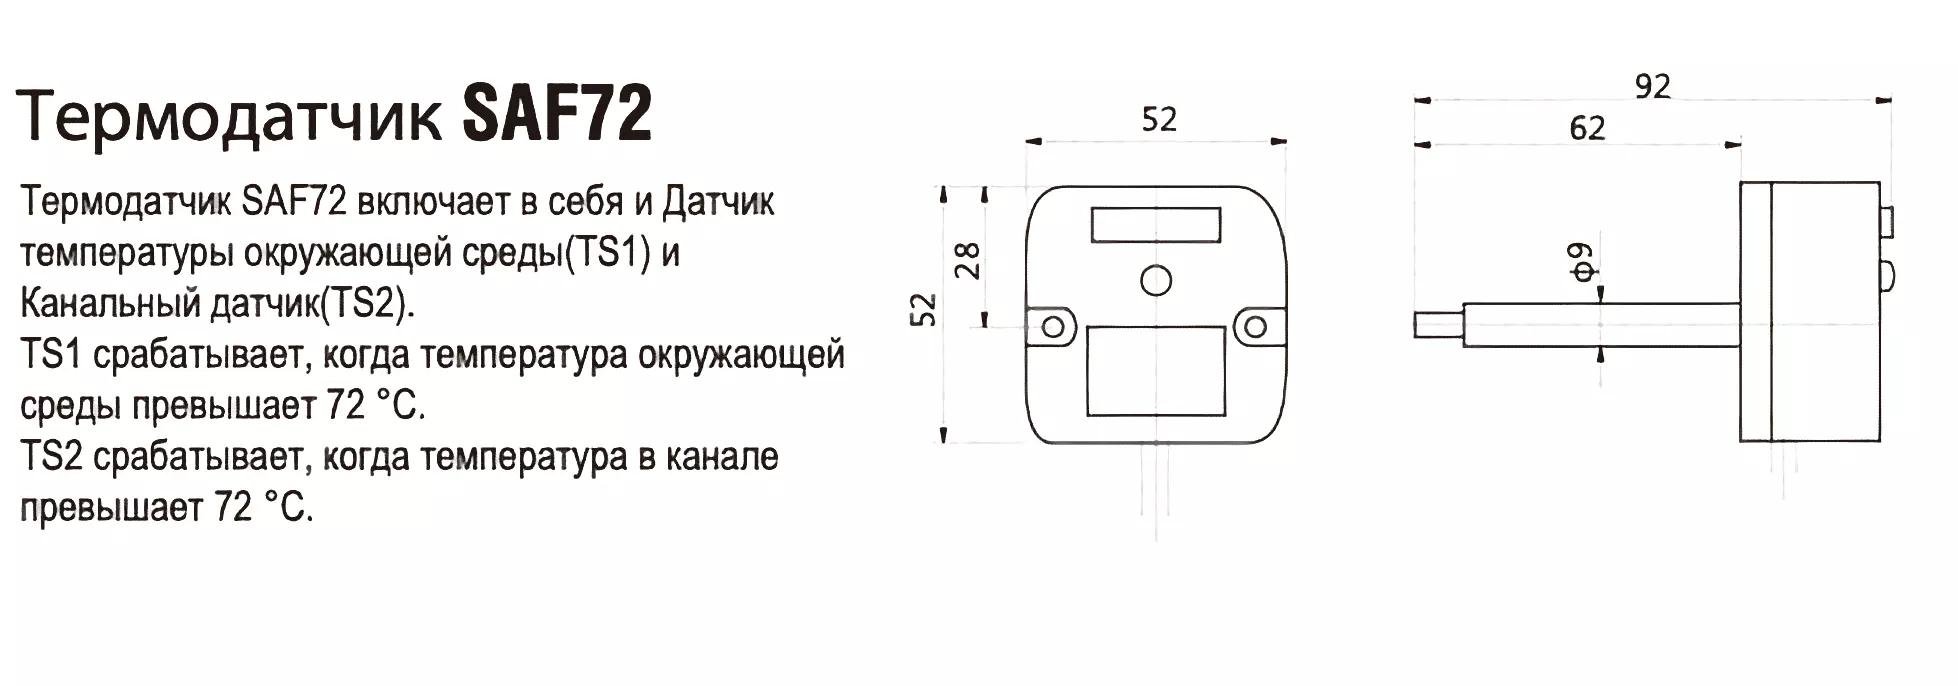 hoocon термодатчик